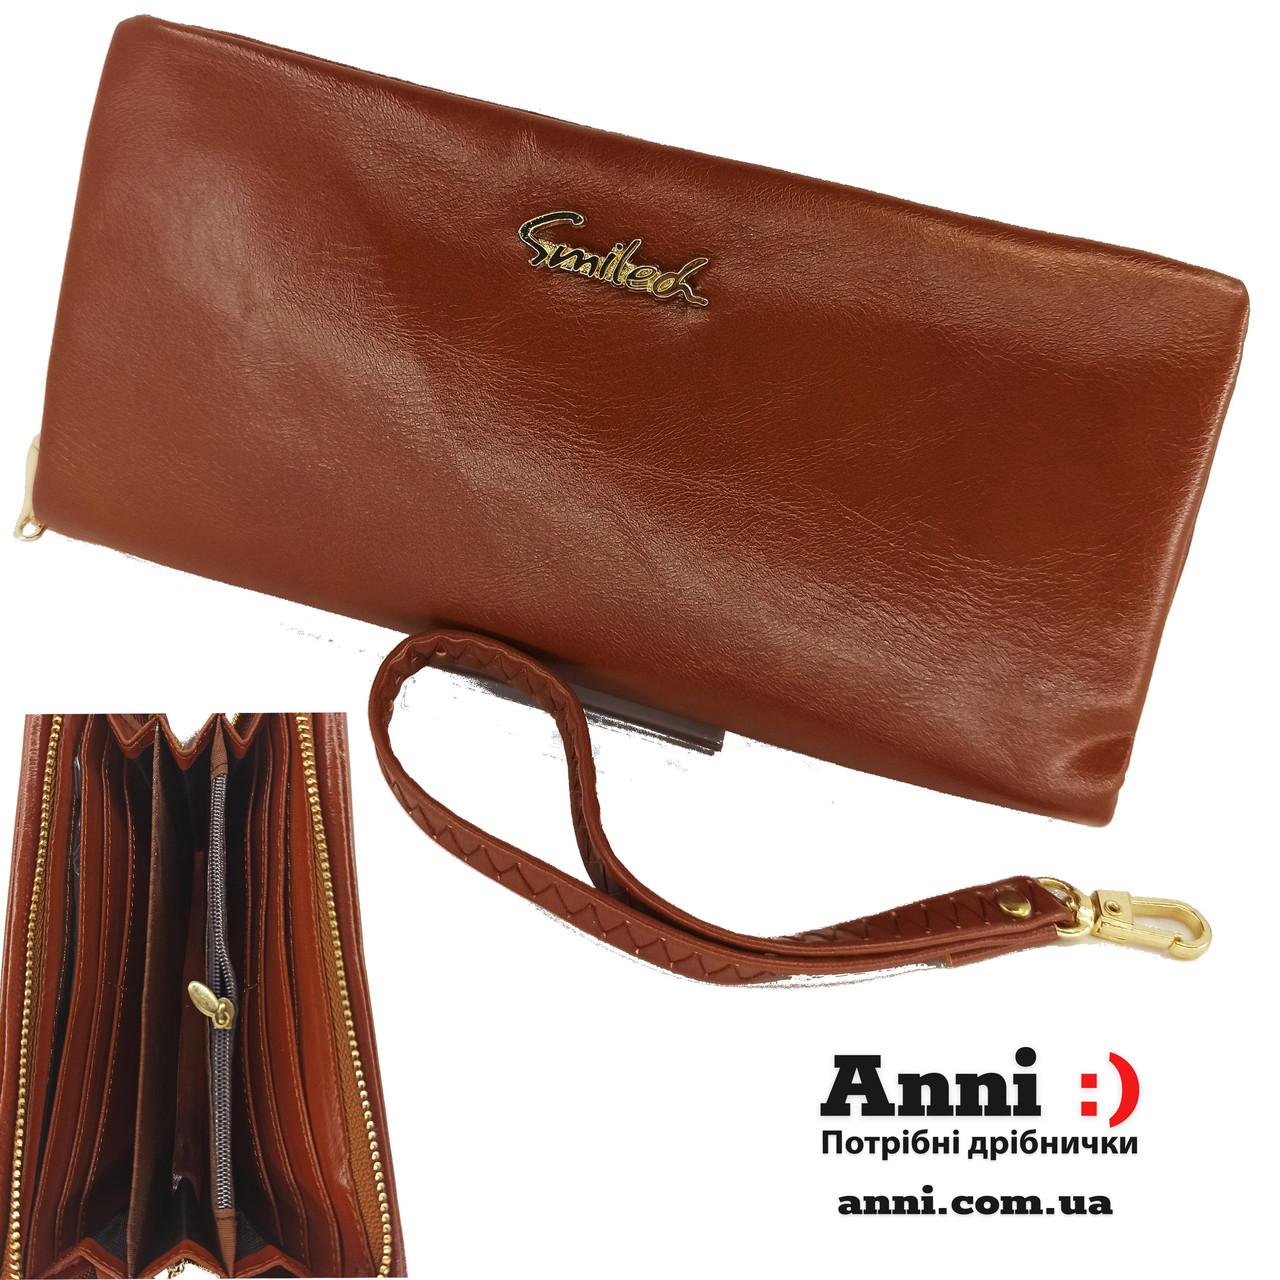 Классический женский кошелек клатч из качественной PU кожи coffee